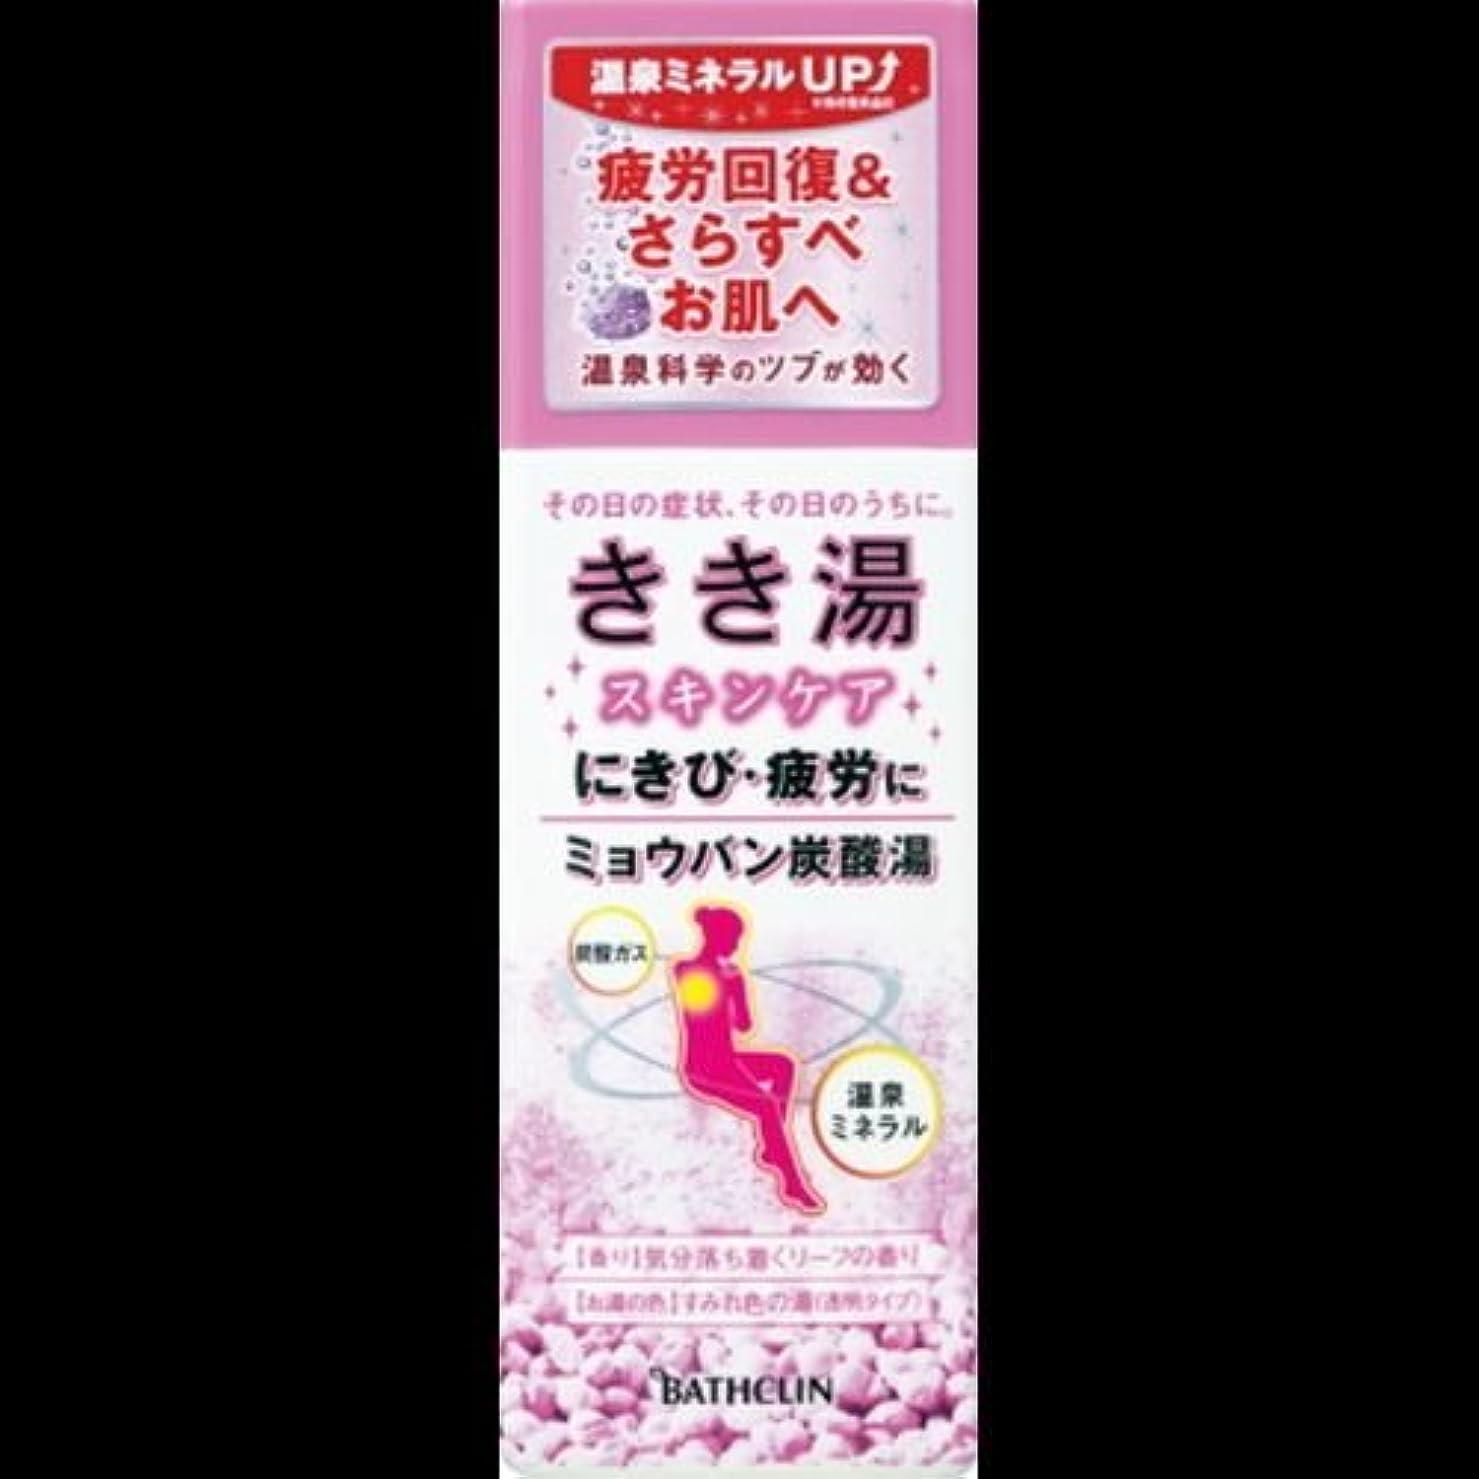 カスタムフラグラントメモ【まとめ買い】きき湯 ミョウバン炭酸湯 気分落ち着くリーフの香り すみれ色の湯(透明タイプ) 360g ×2セット